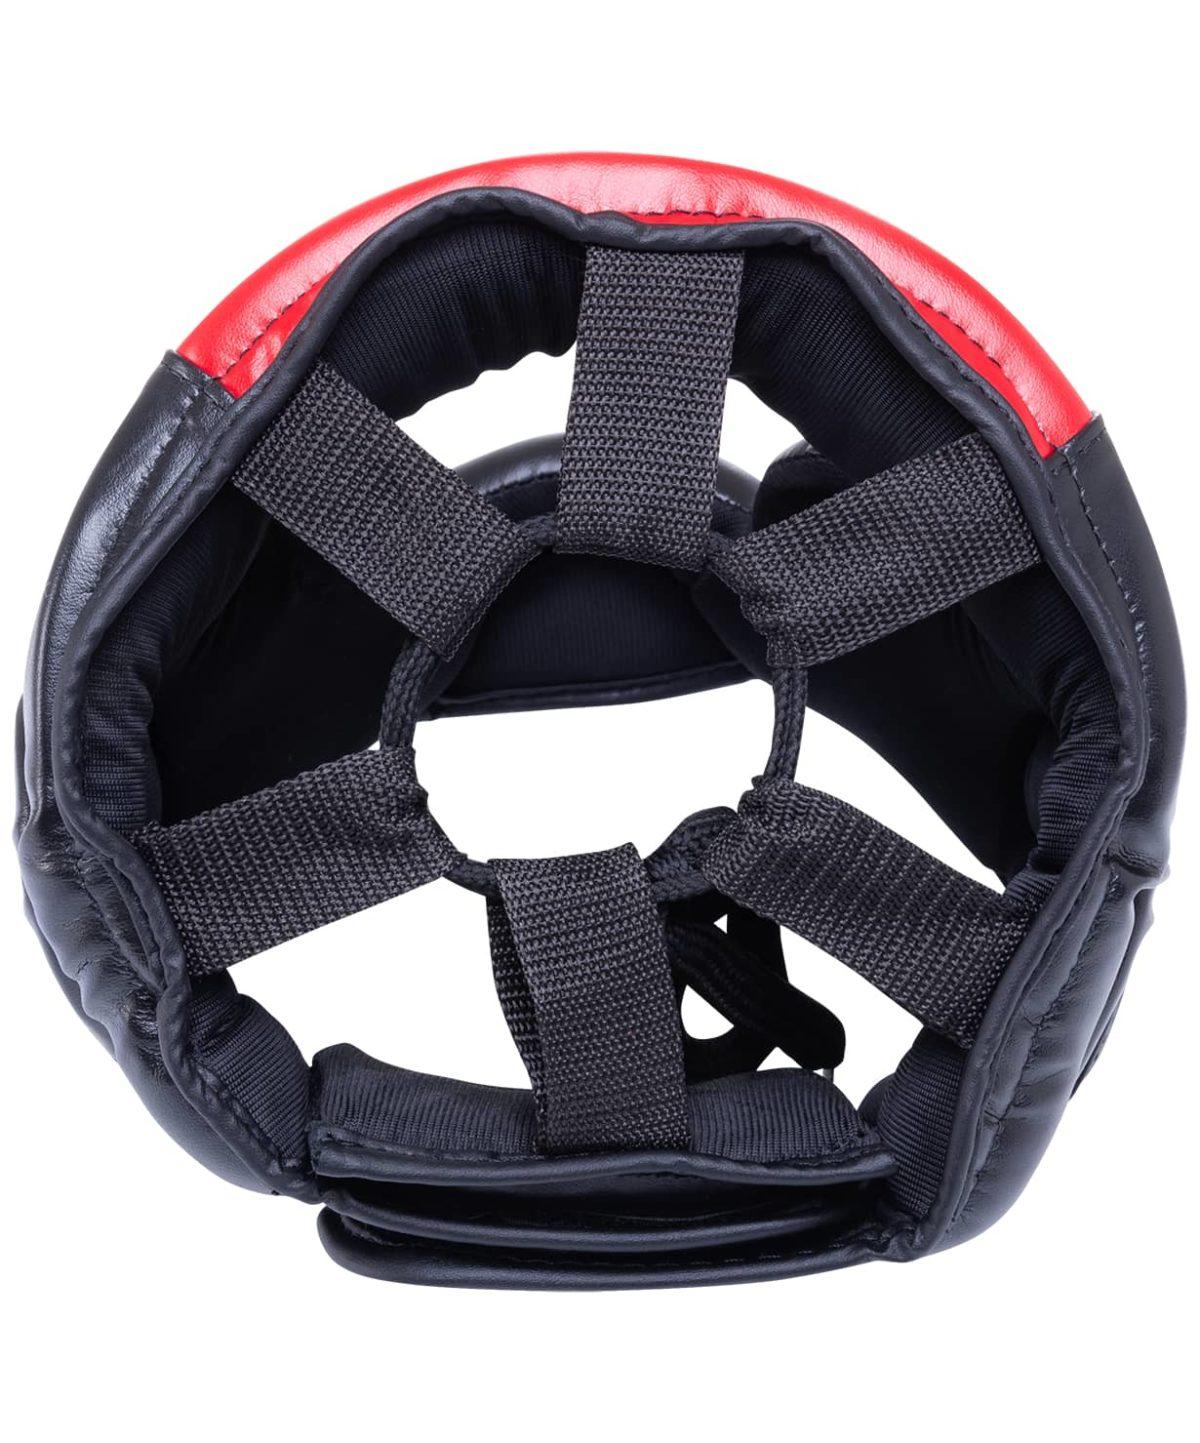 KSA Skull Red шлем закрытый  17907 - 3